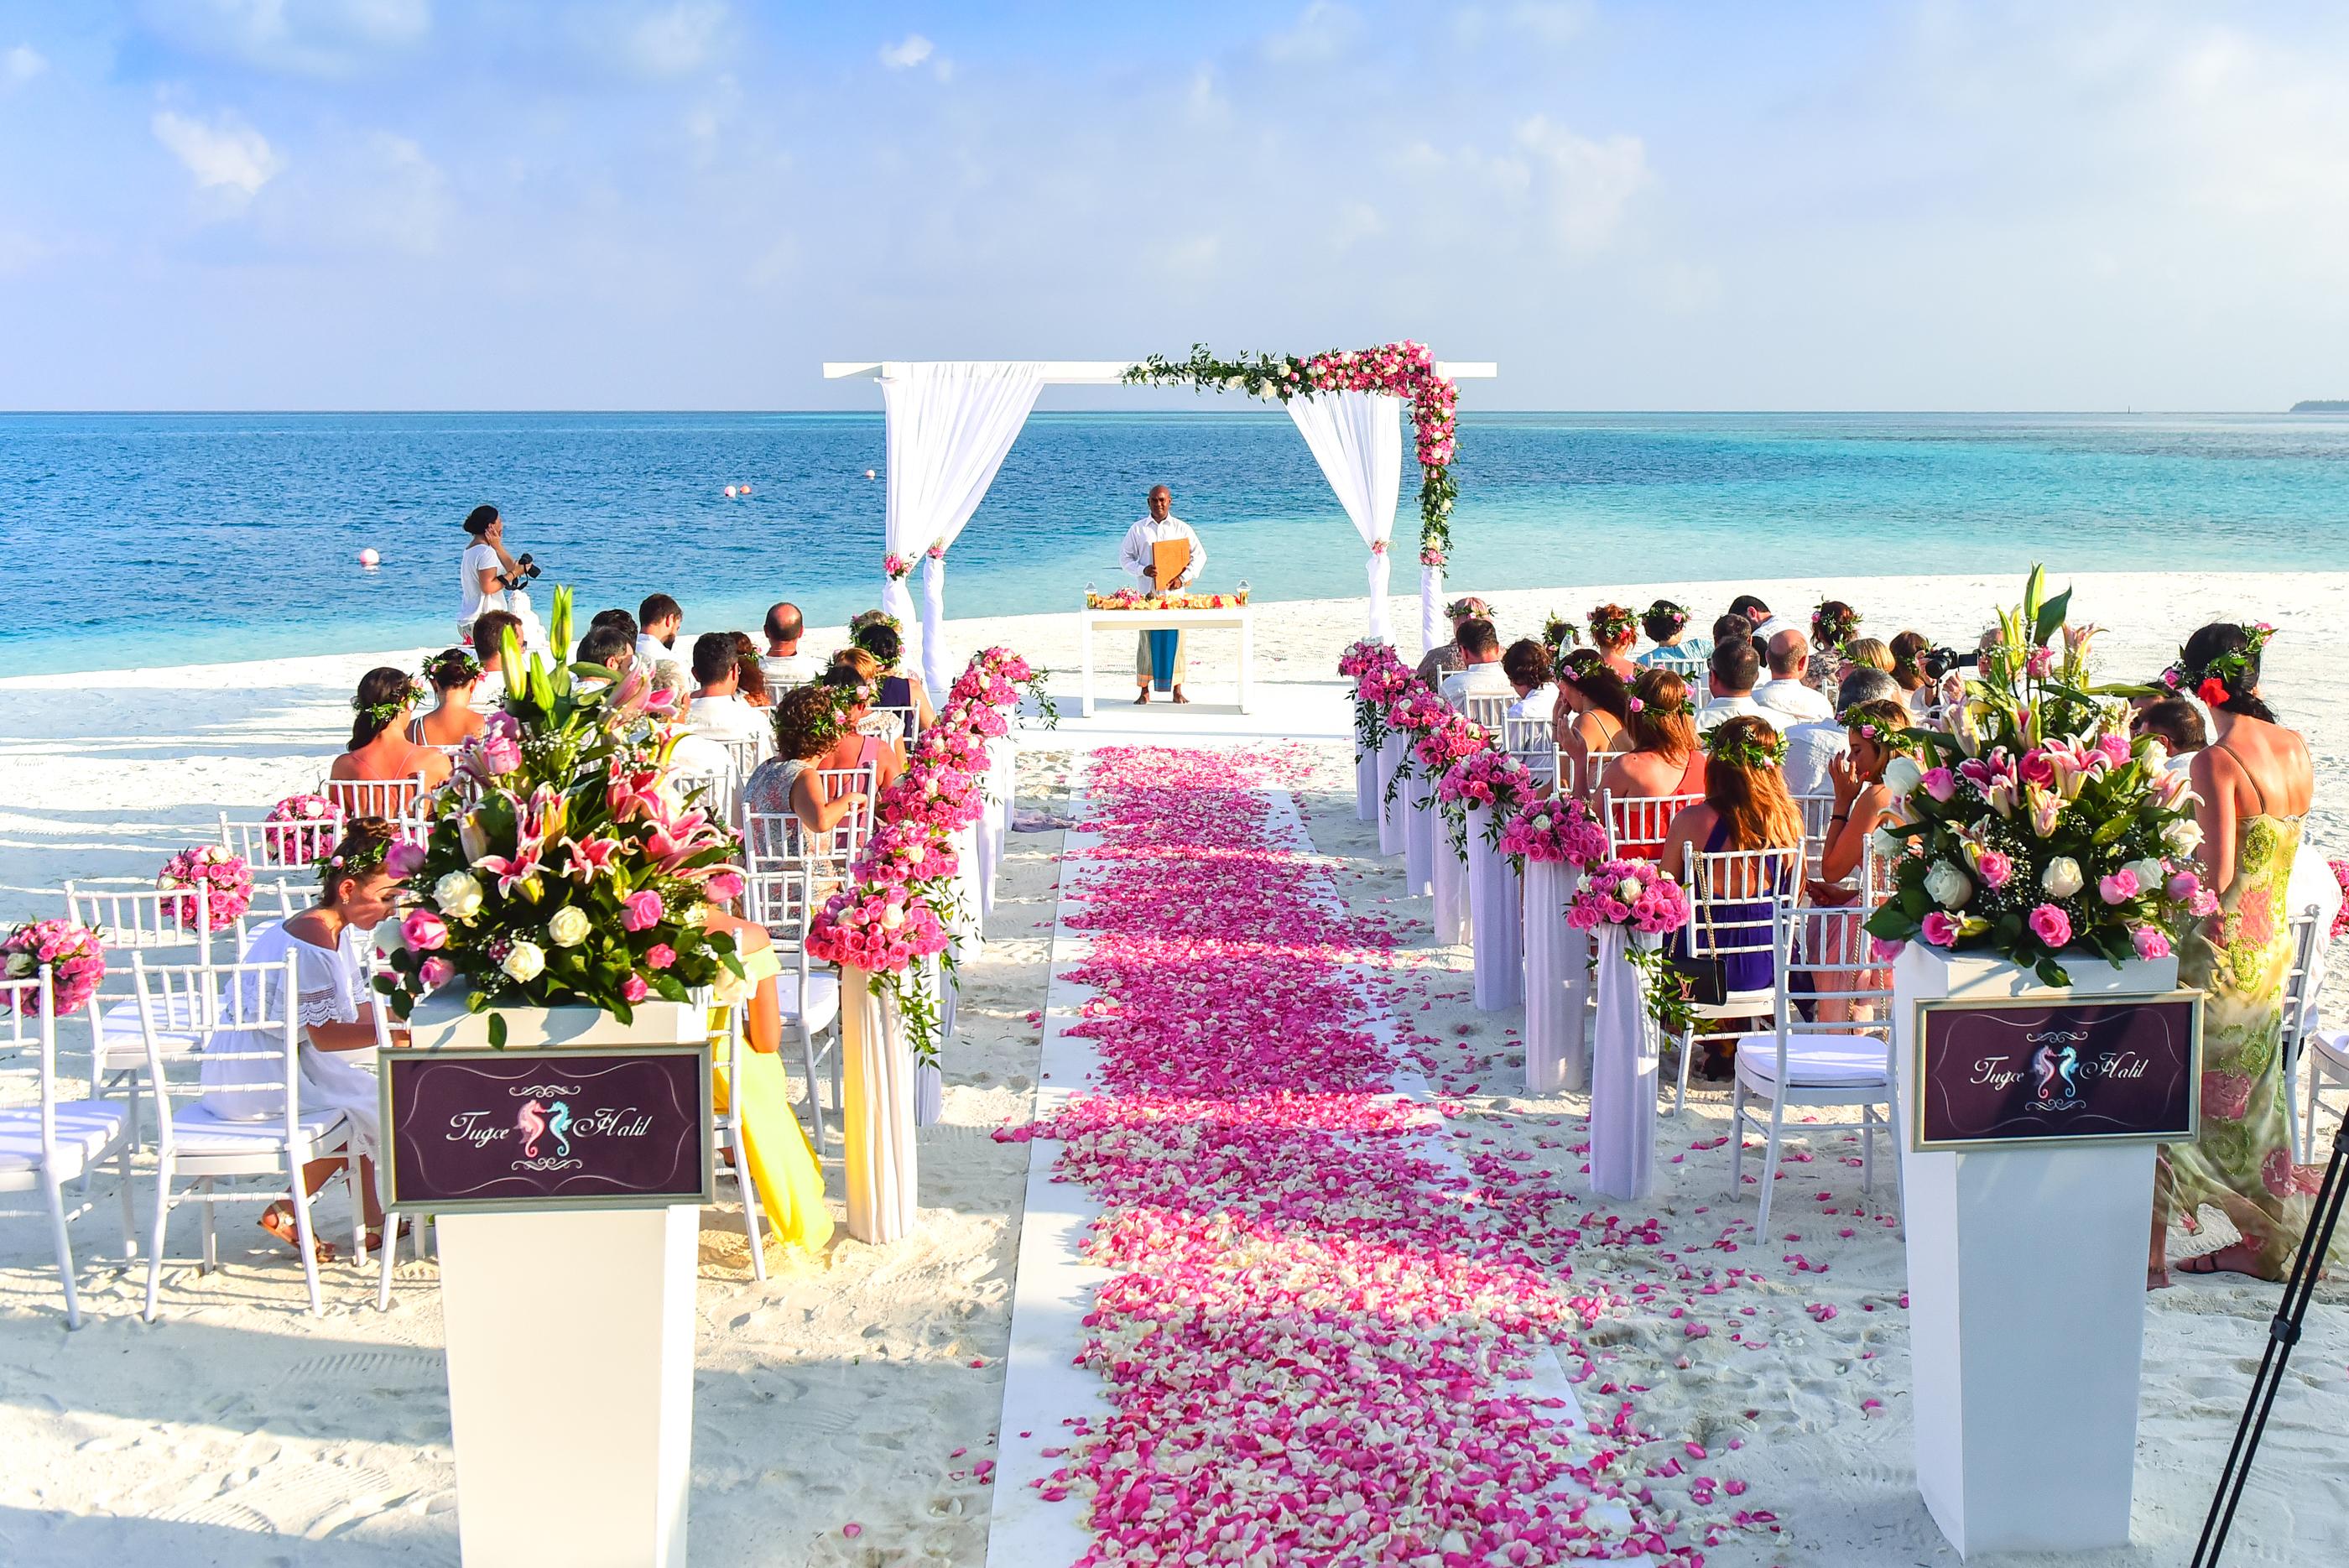 Free Images : Man, Beach, Sea, Water, Sand, Ocean, People